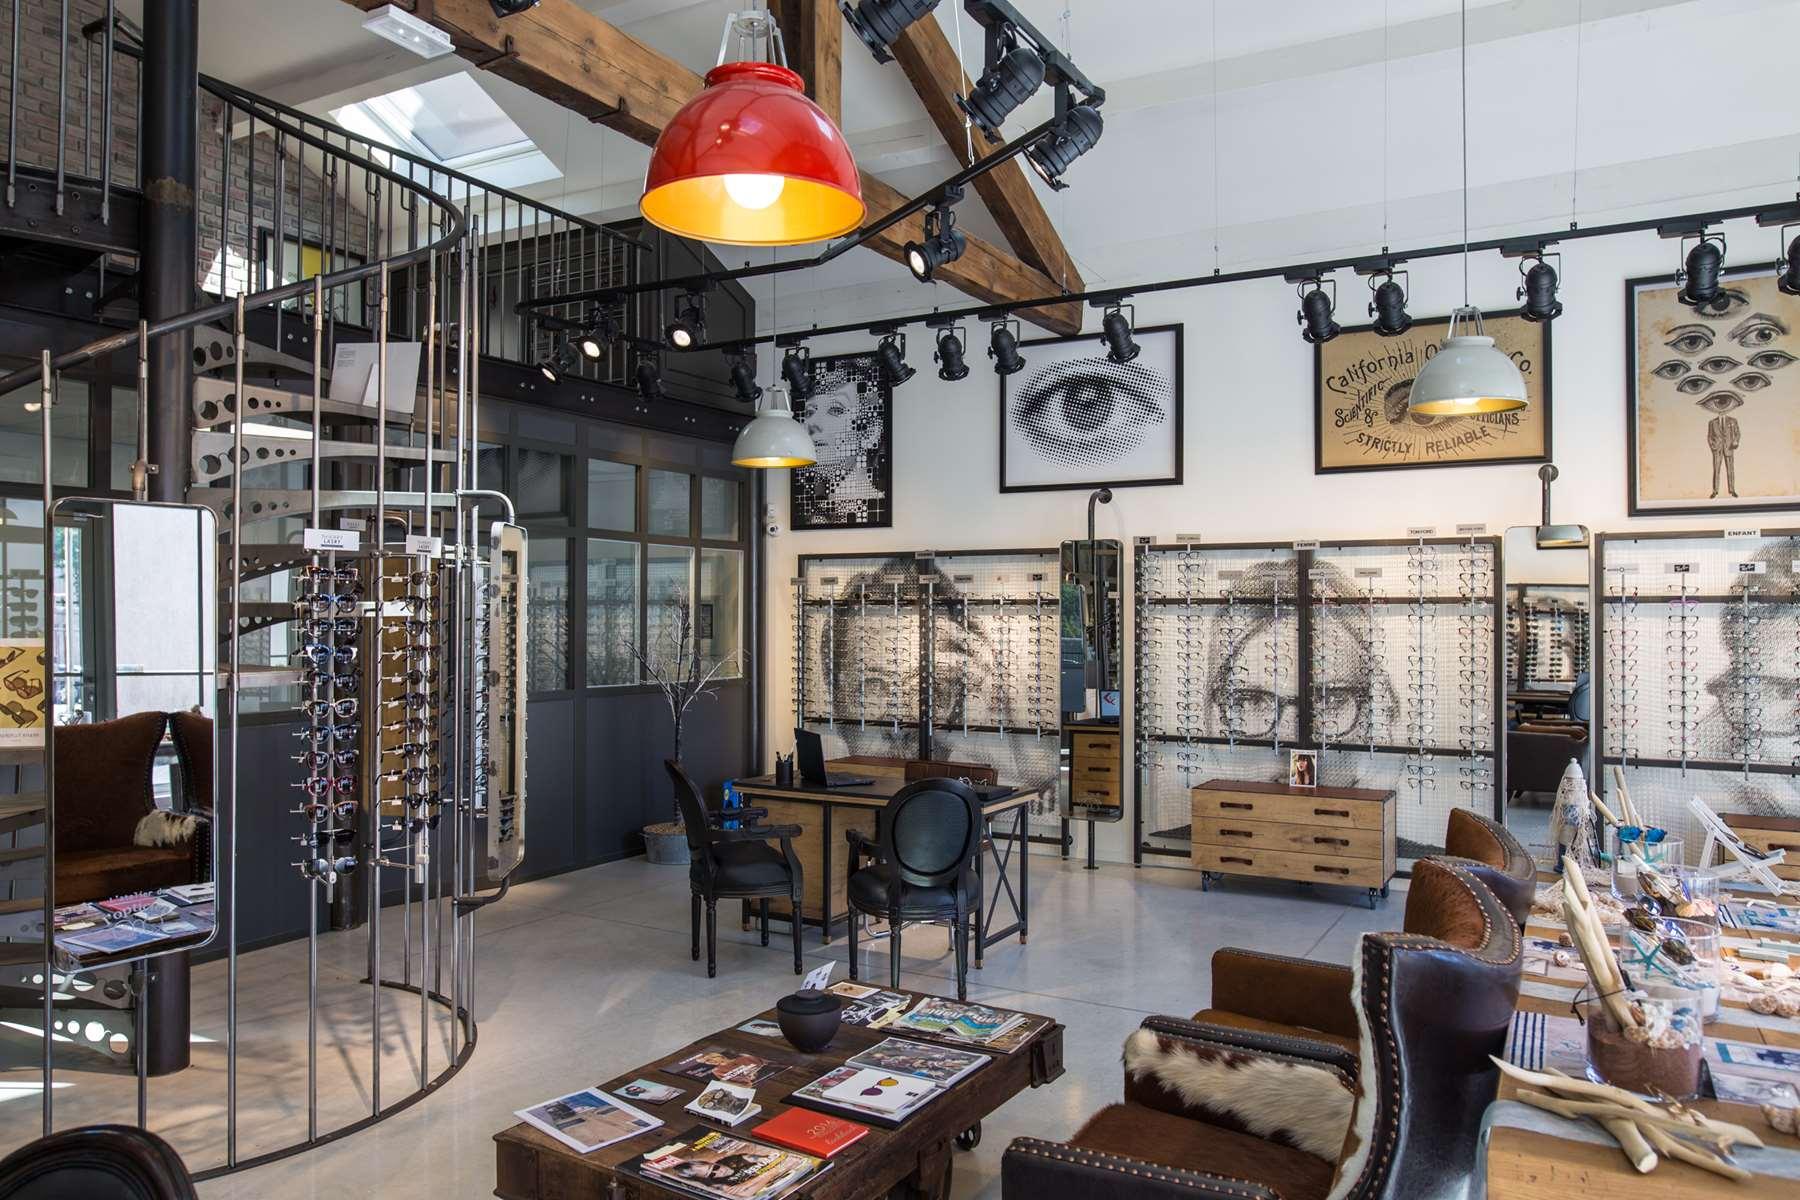 intérieur de l'atelier de l'opticien